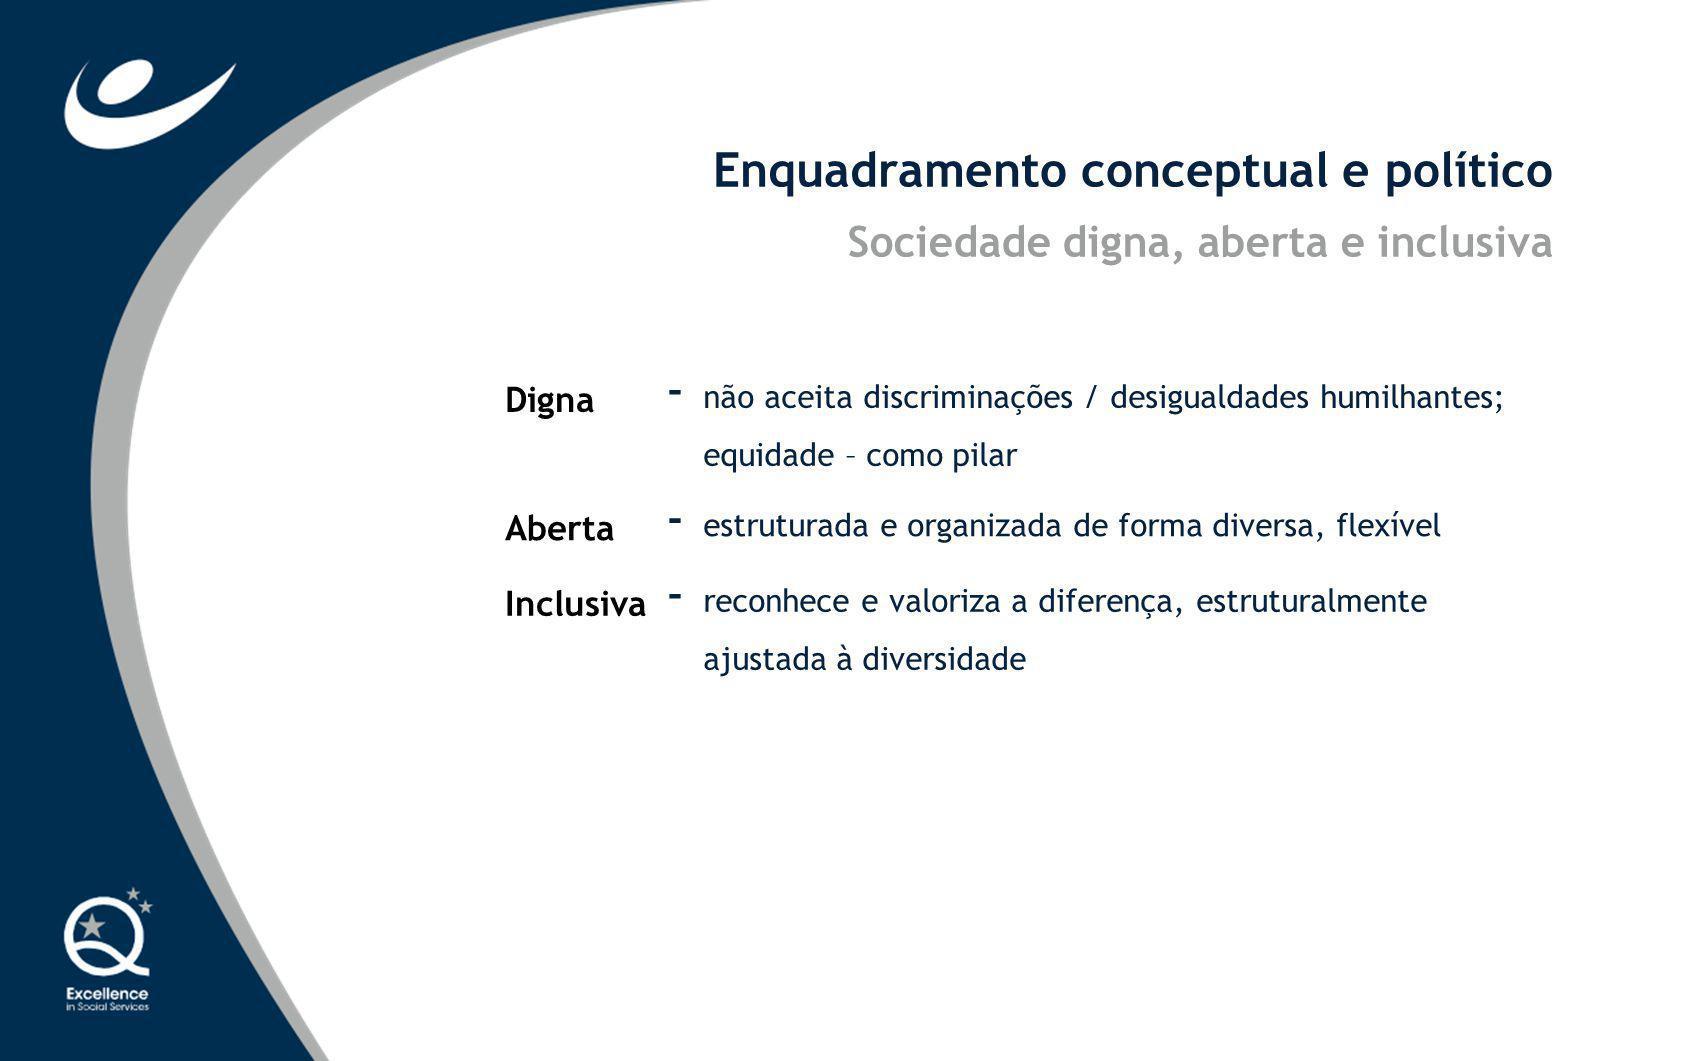 Enquadramento conceptual e político